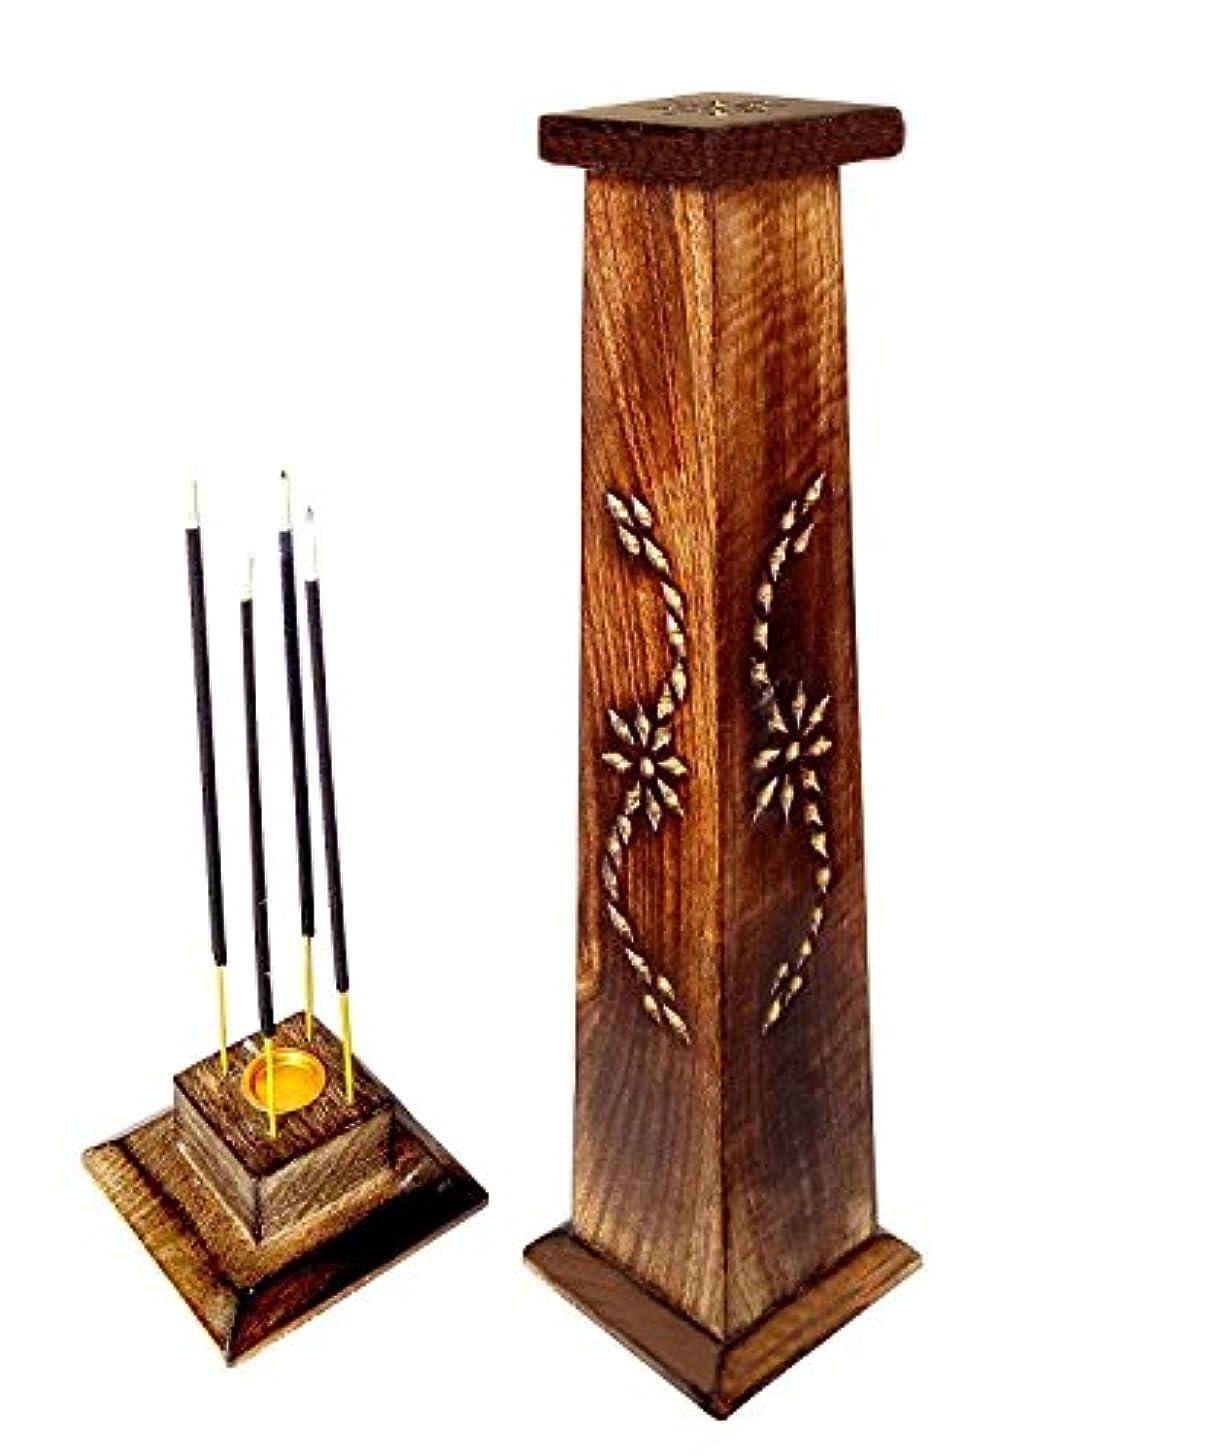 親神学校アカデミー木製香炉Ideal for Aromatherapy、禅、Spa、Vastu、レイキChakra Votive Candle Garden Incense Tower 12